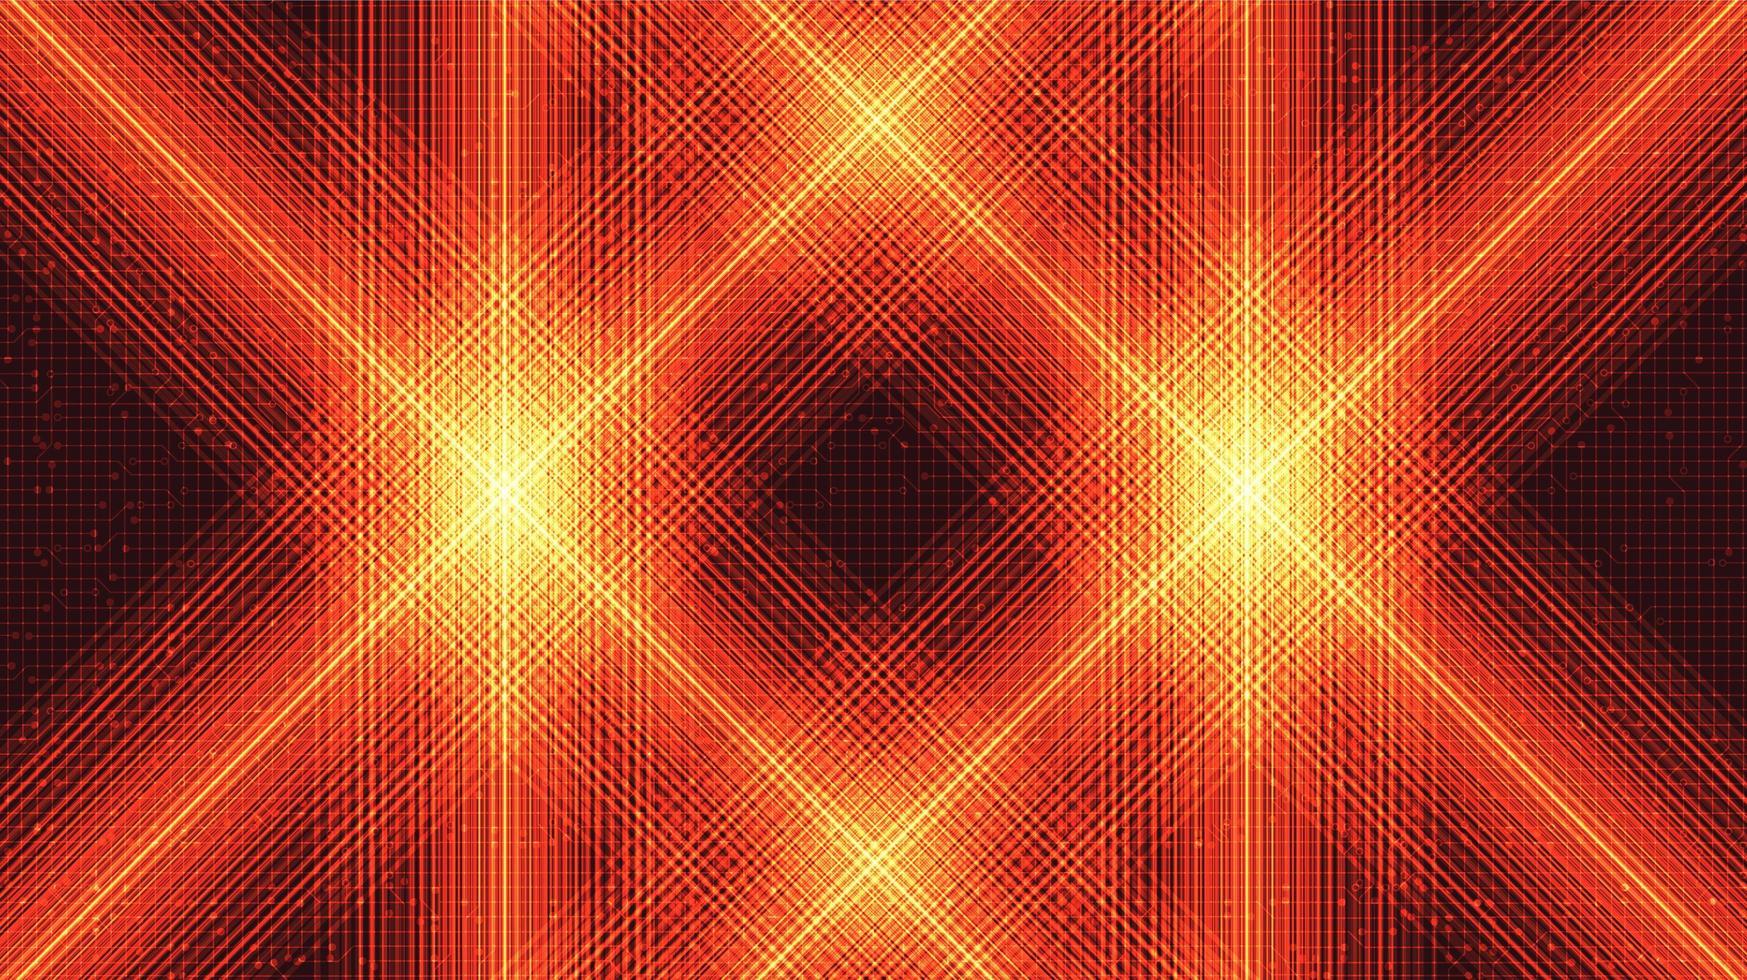 elektronische lichttechnologieachtergrond, hi-tech en internetconceptontwerp, vrije ruimte voor ingevoerde tekst, vectorillustratie. vector